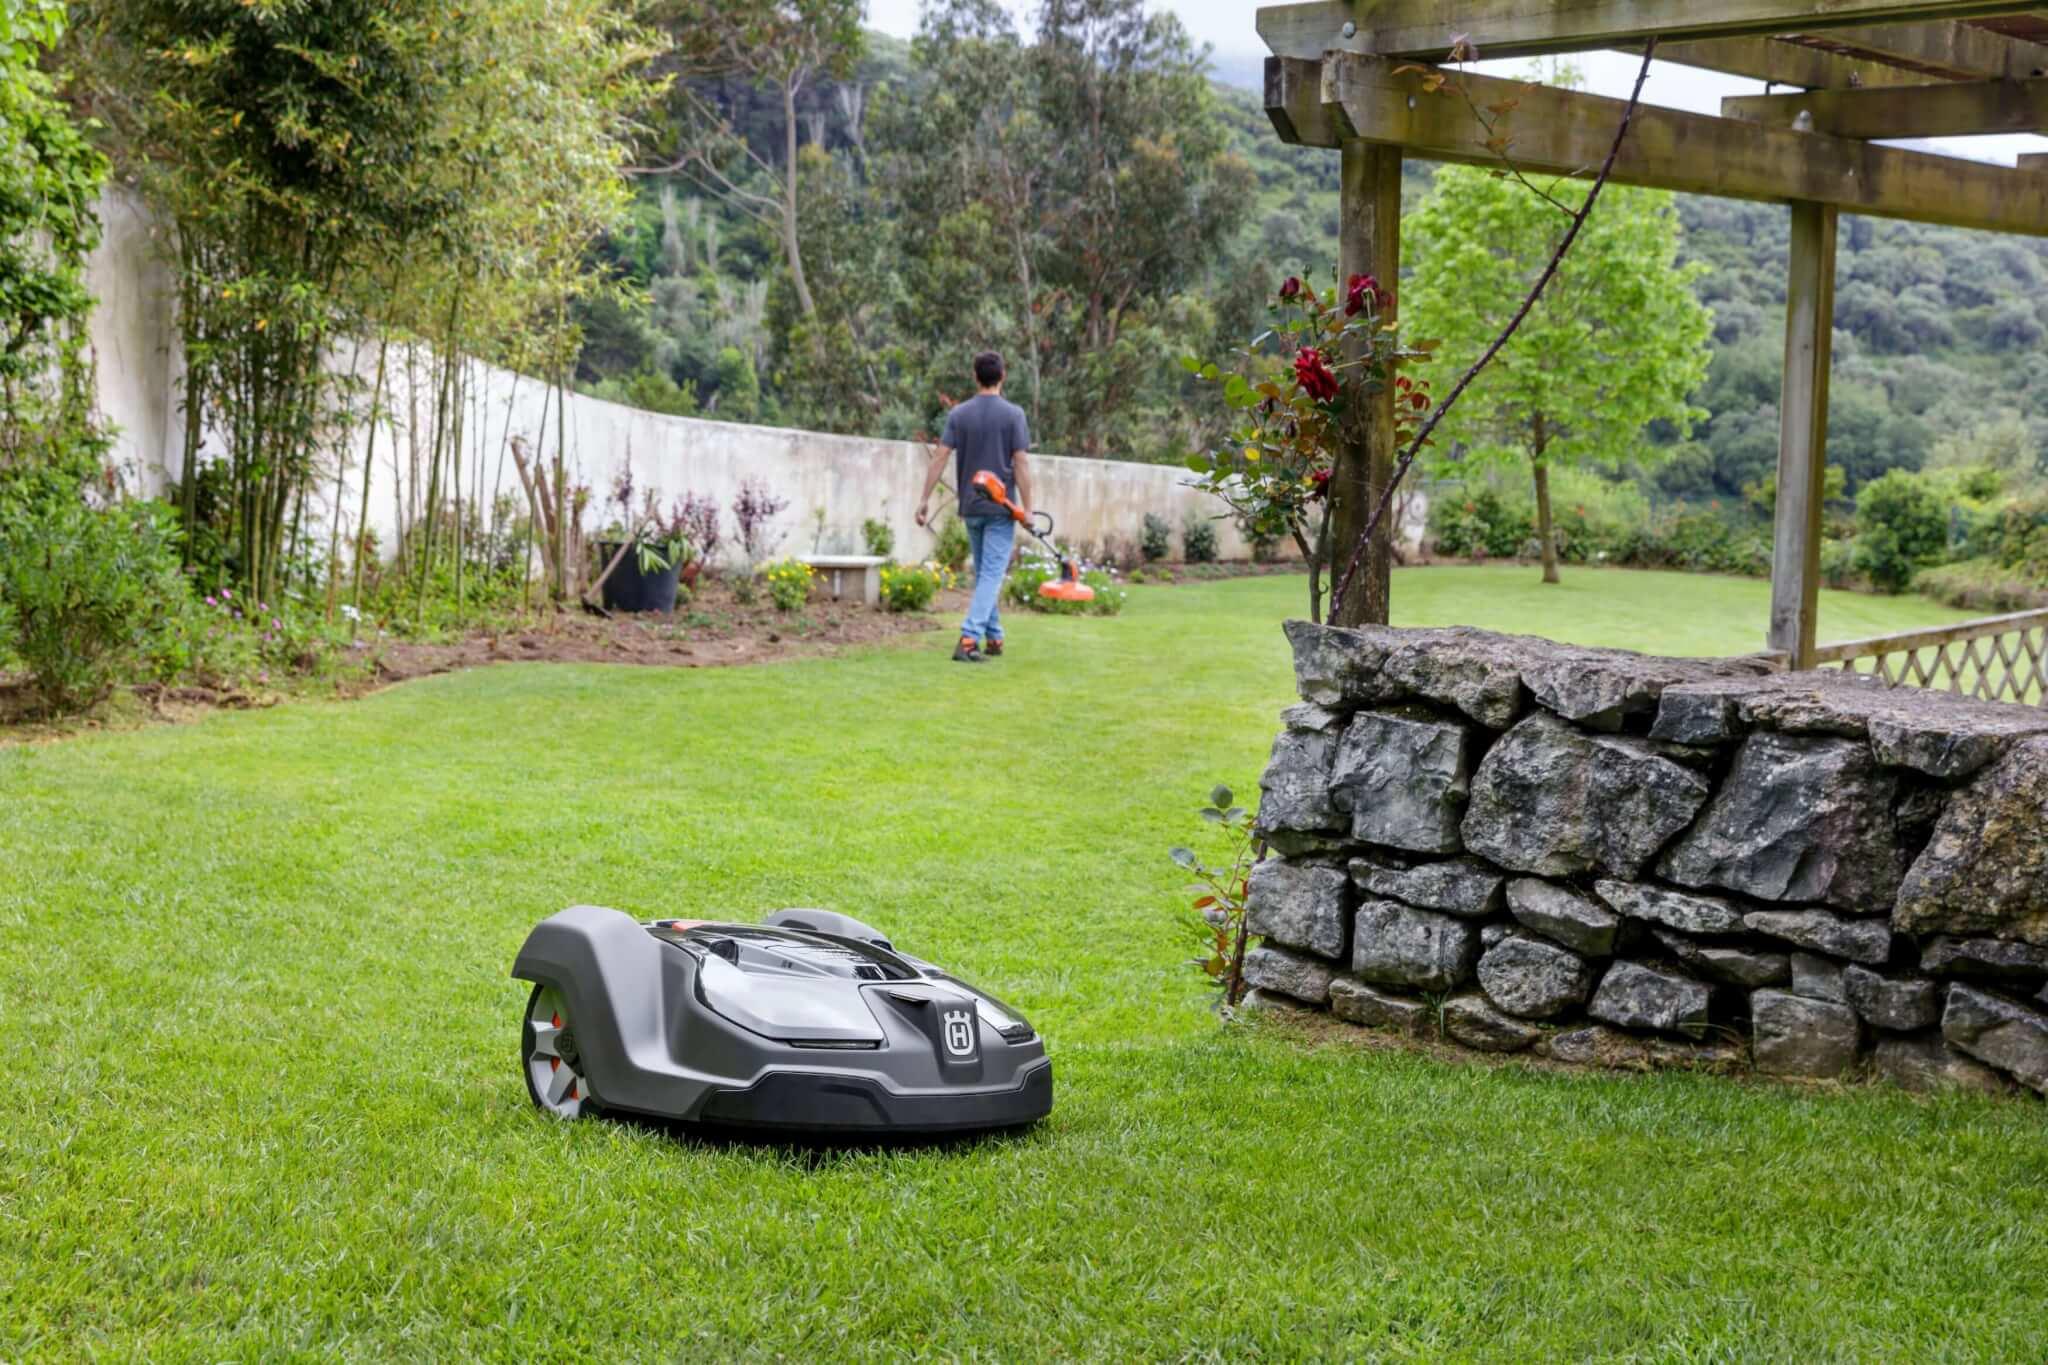 Gartengestaltung planen sie den einsatz eines roboters for Gartengestaltung planen